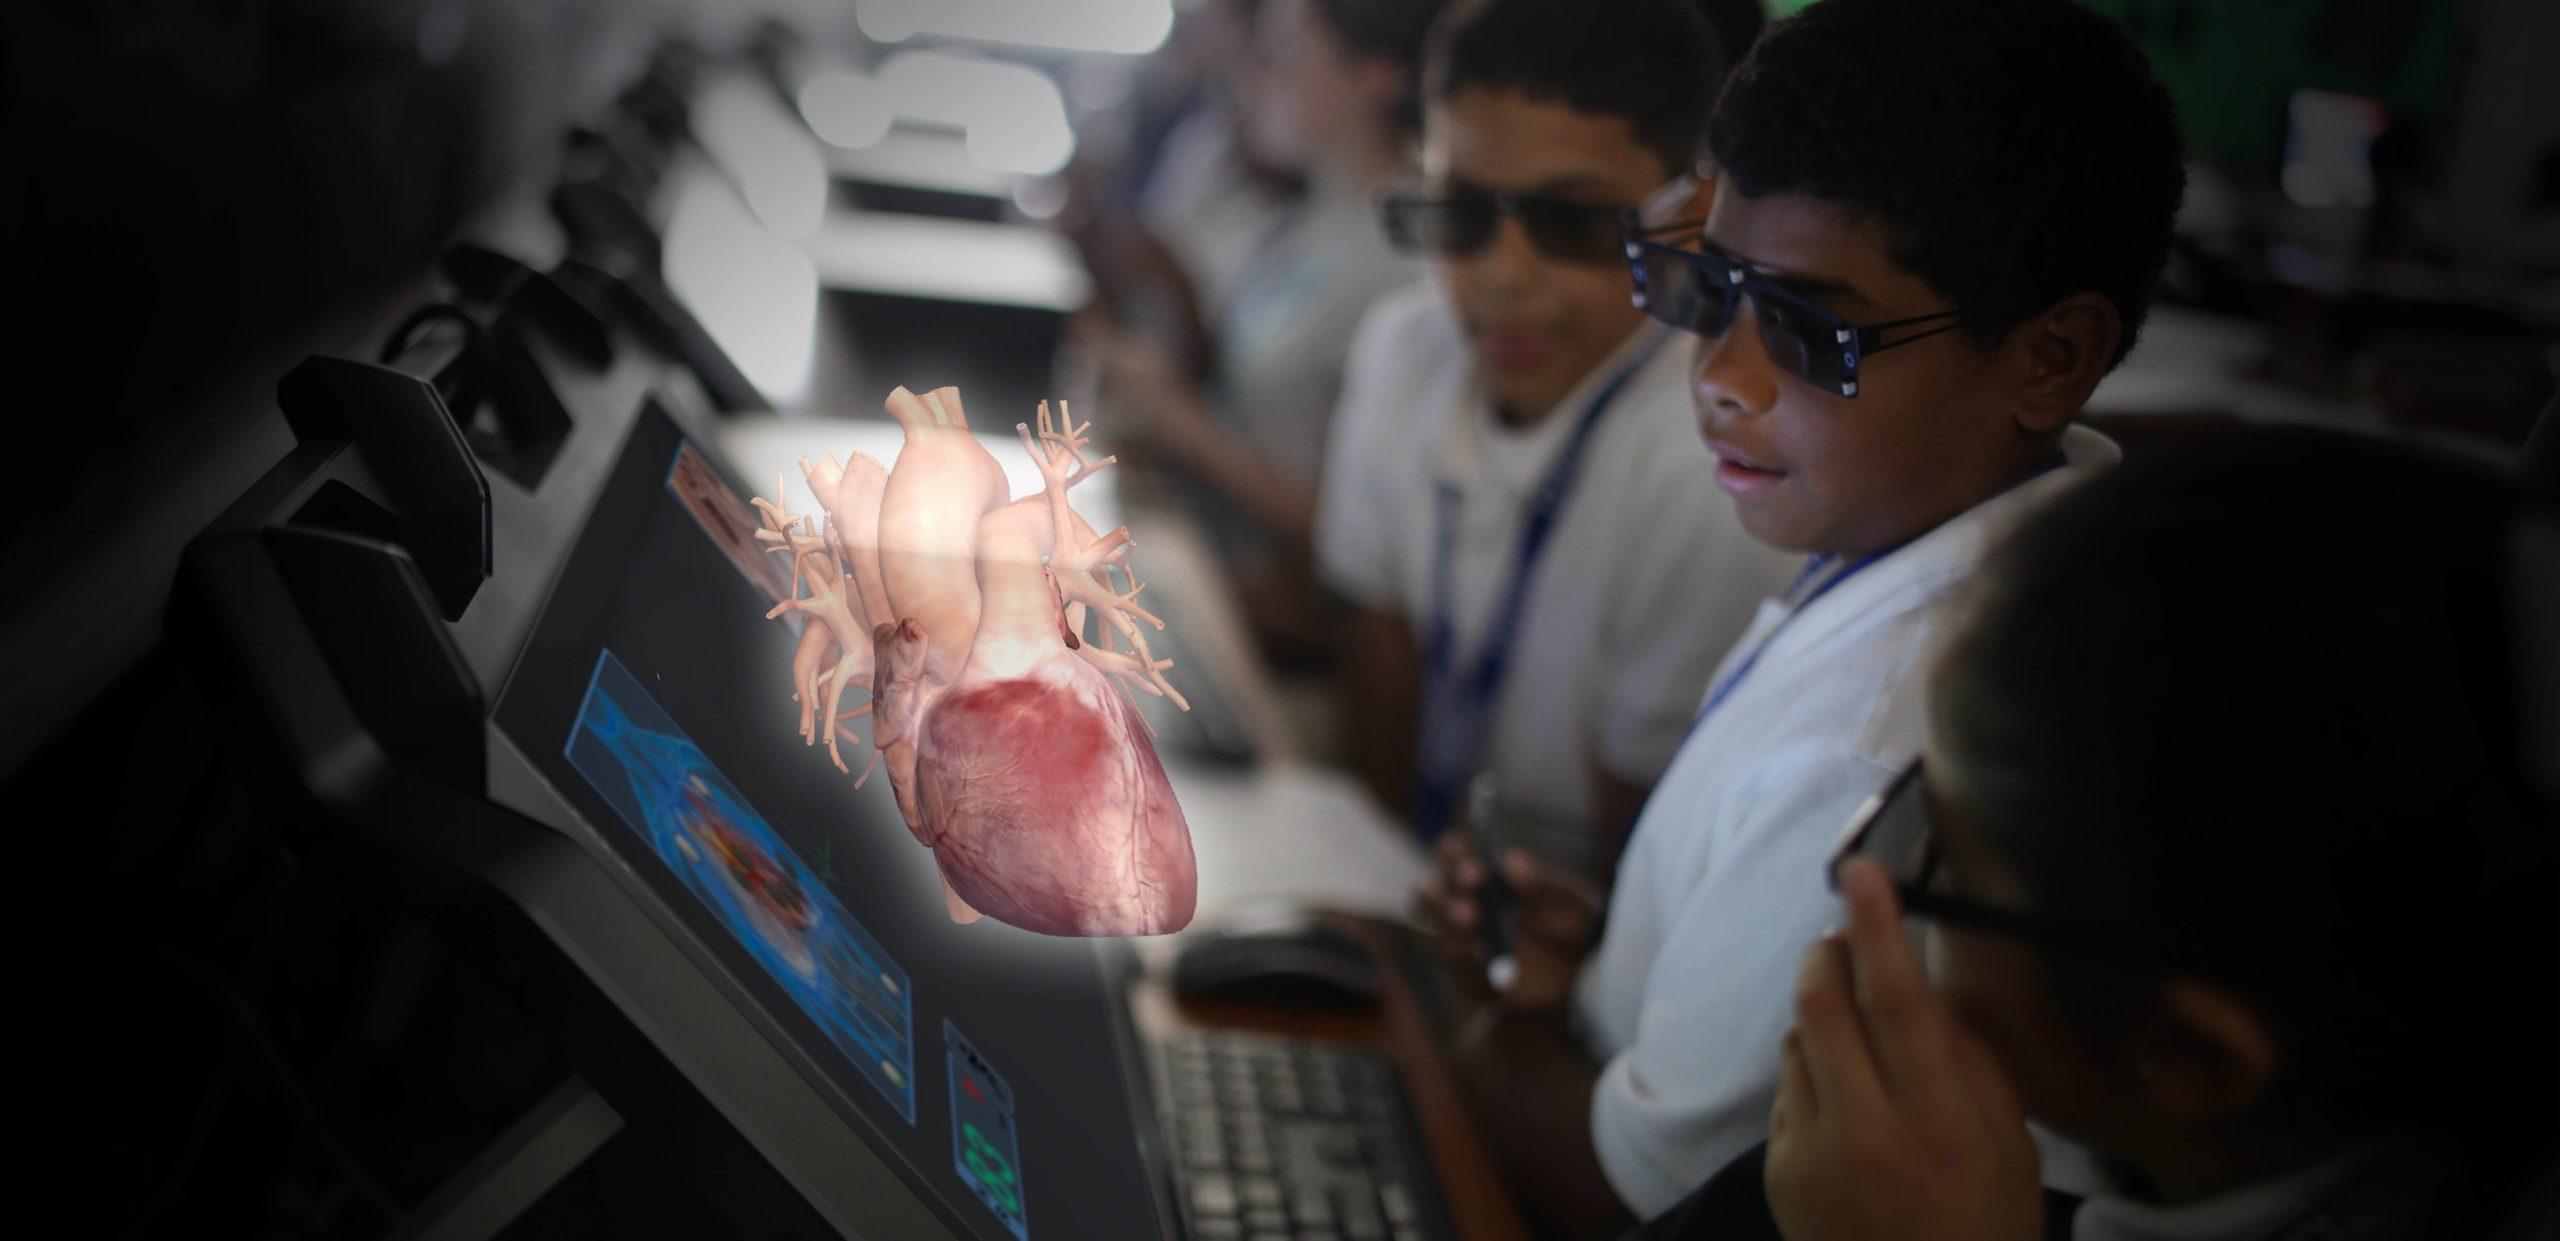 Eğitimde Yeni Dönem: Sanal Gerçeklik